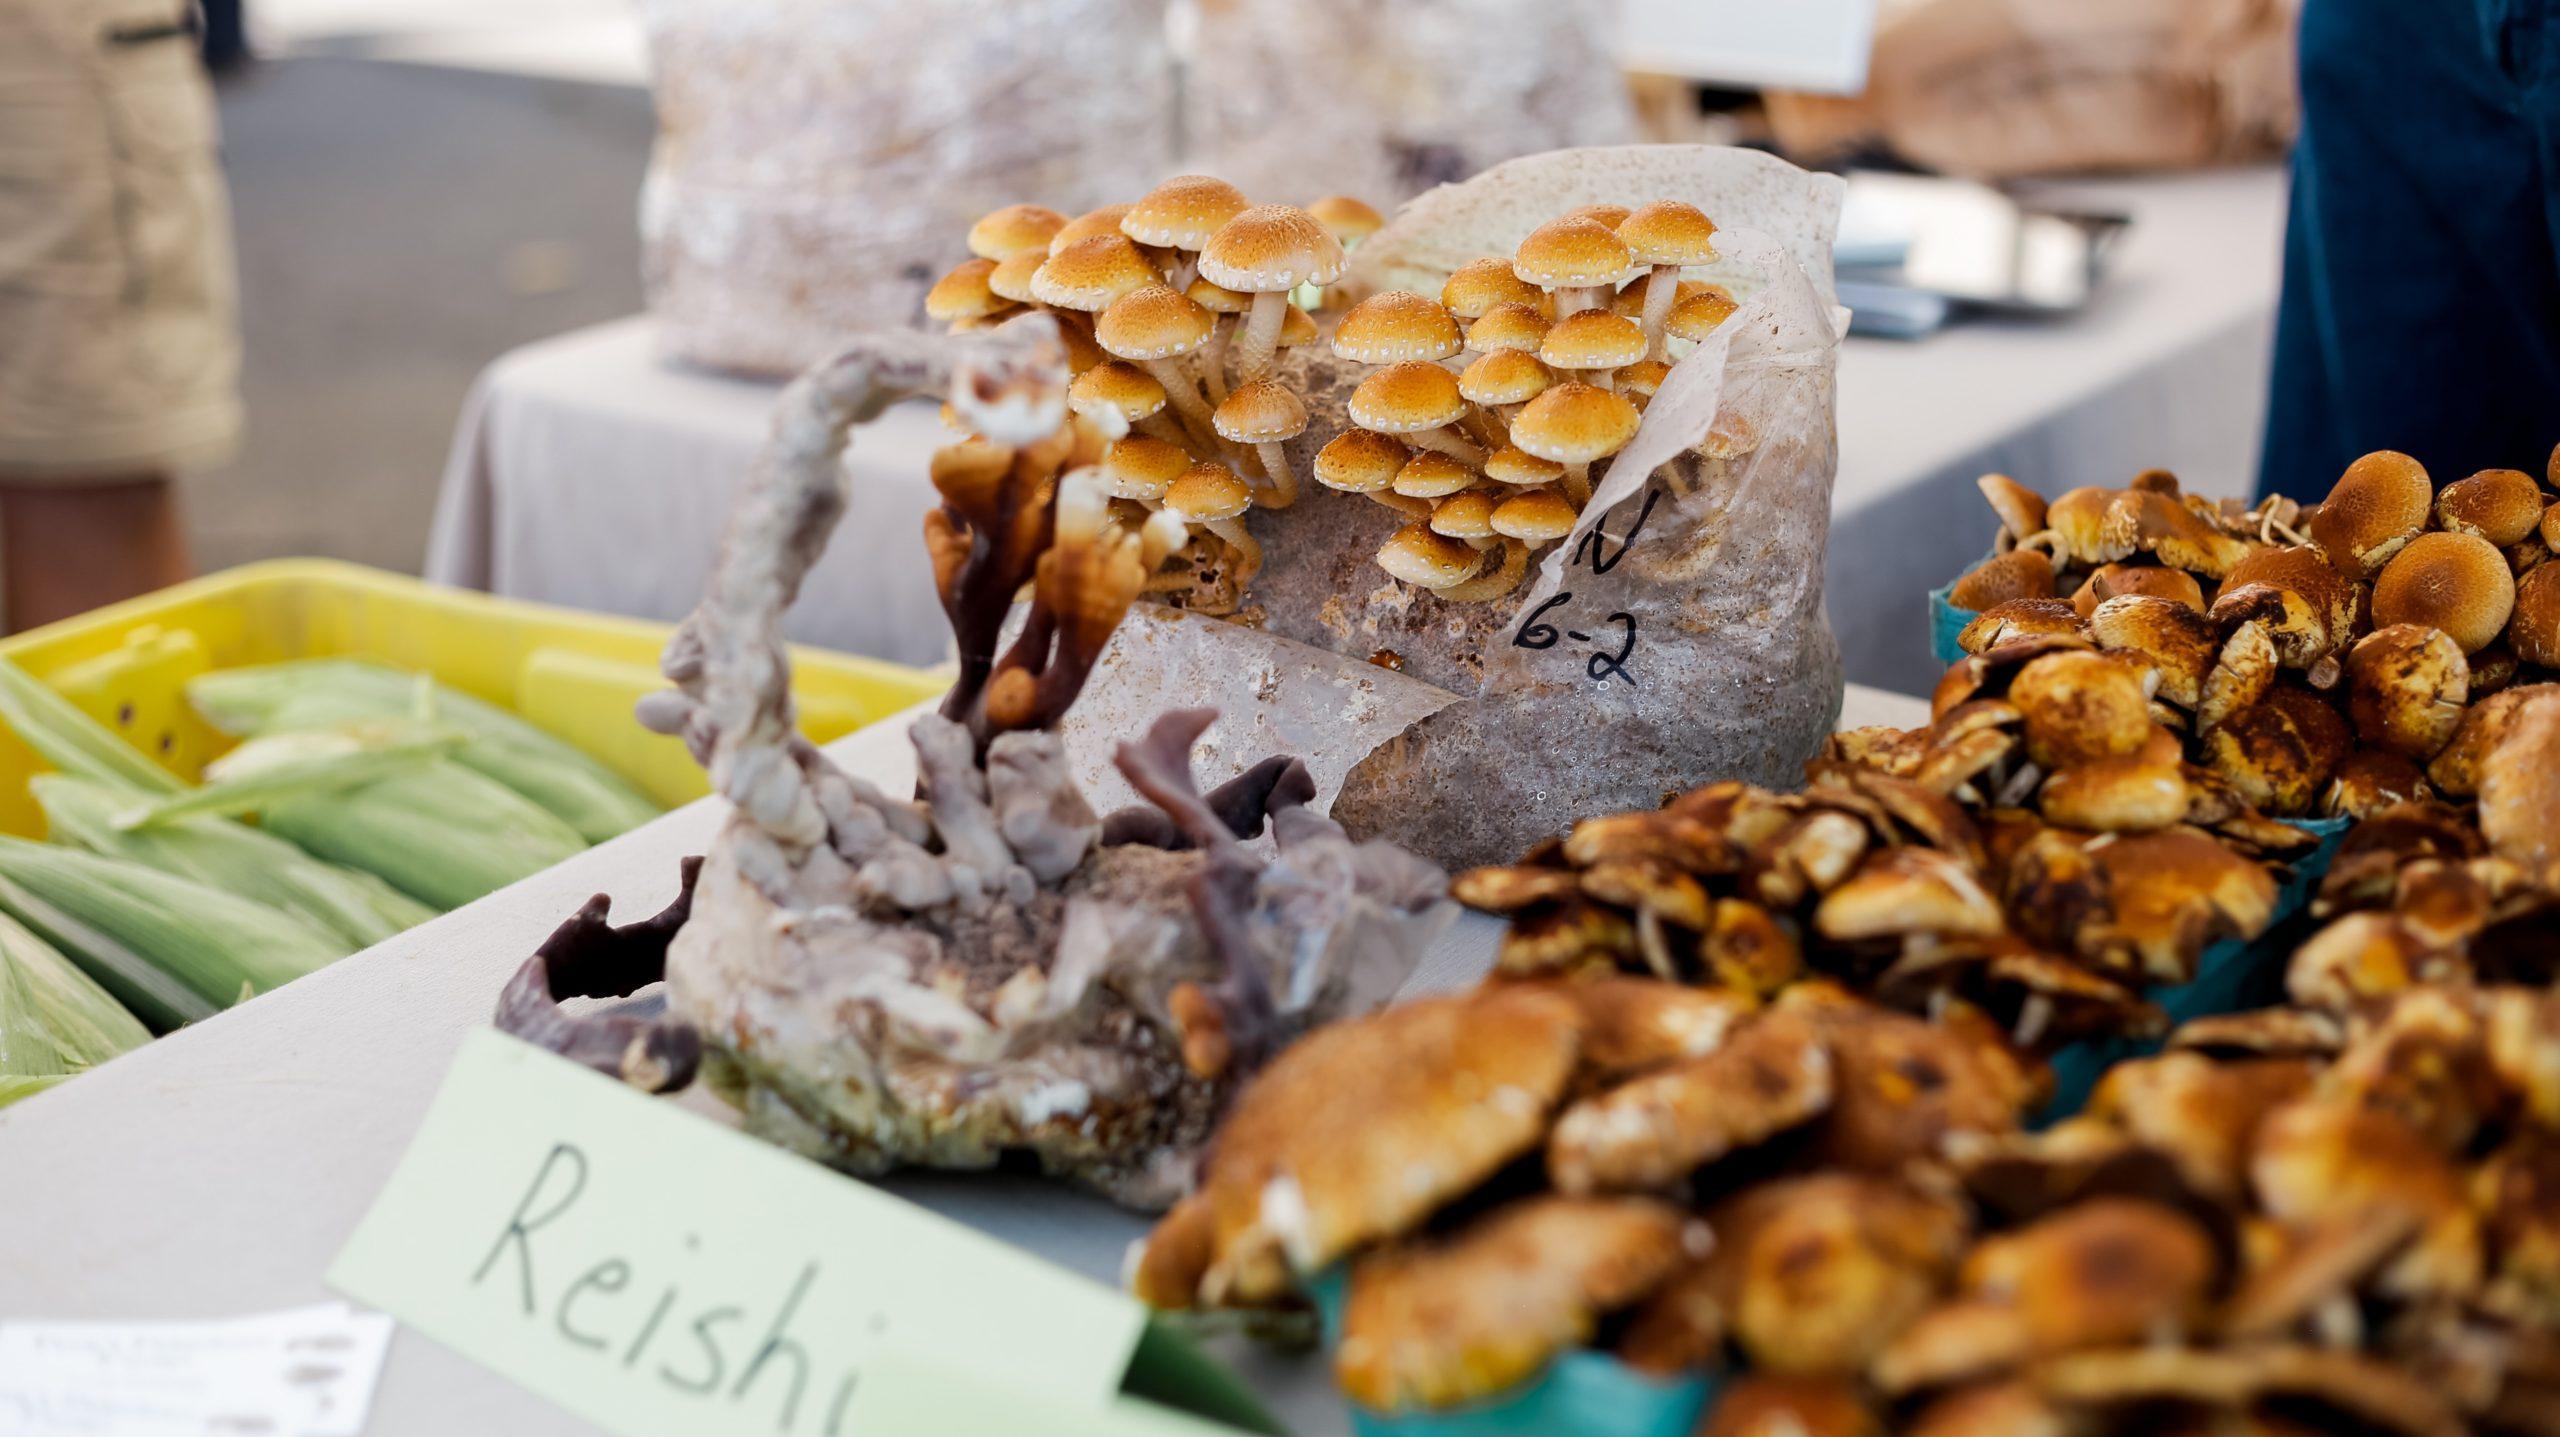 Reishi för bättre koncentration och minne. Foto: Allie Licens: Unsplash.com